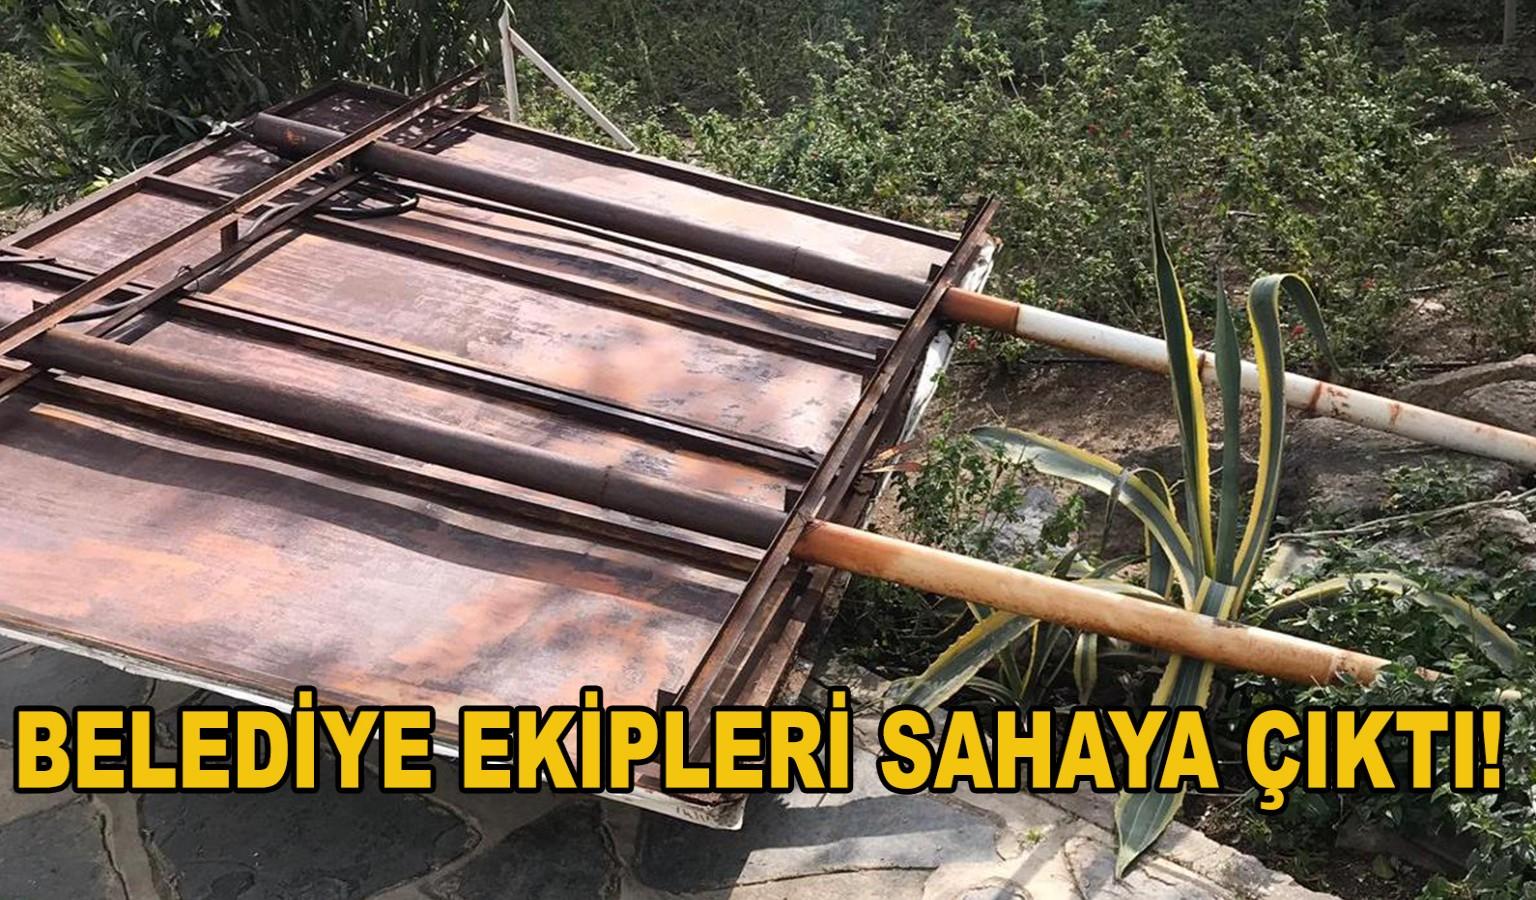 BELEDİYEDEN ARDI ARDINA GÜZEL HAMLELER!..